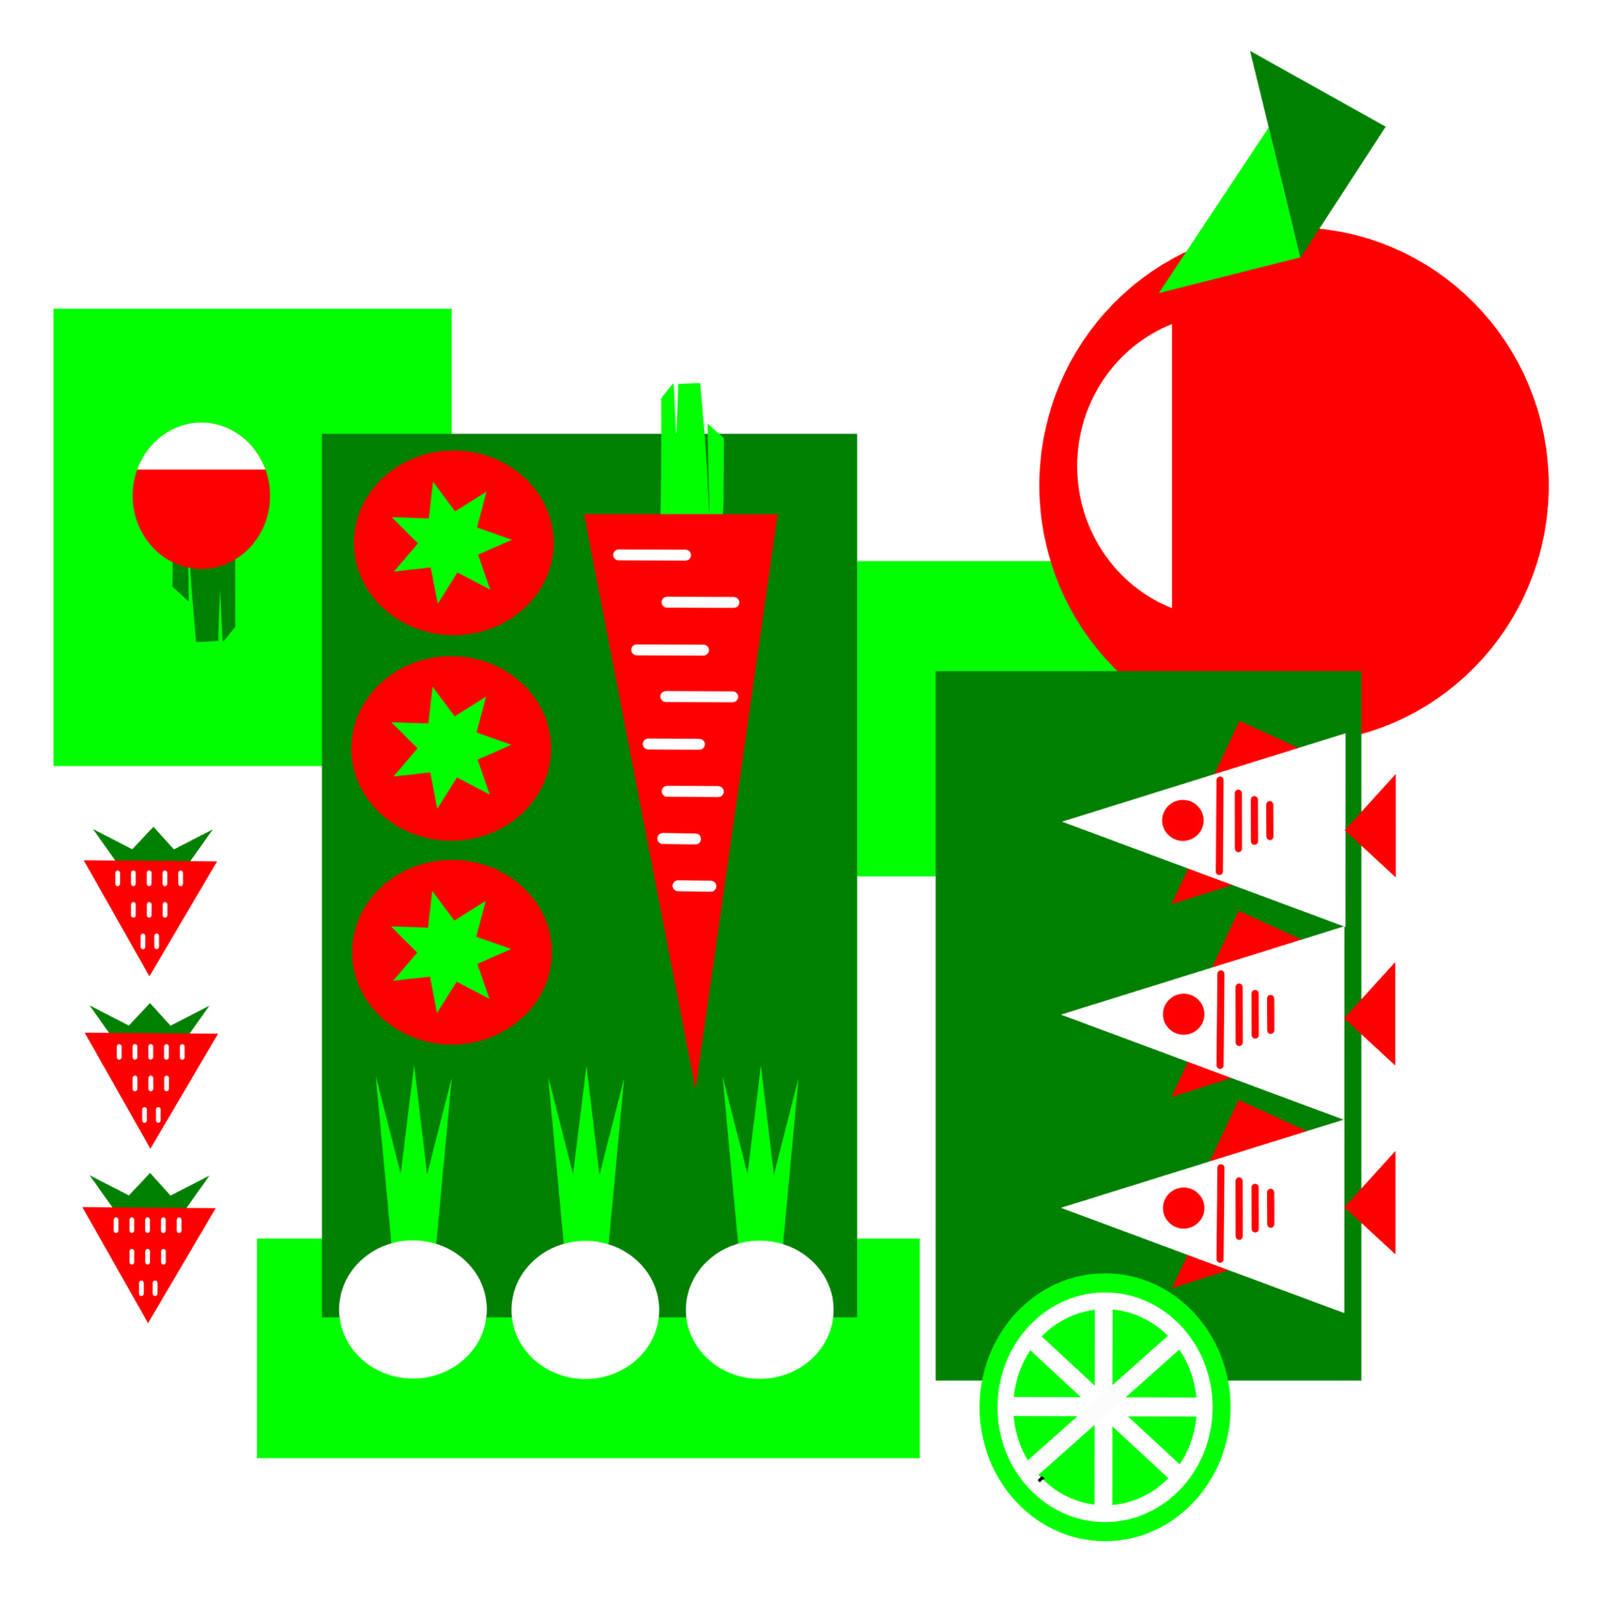 """""""ЭКО - город"""".  Абстрактная композиция из продуктов, которые символизируют эко-город и людей в нем. А вообще... Мне в детстве очень нравился запах овощного магазина. Что-то в нем было манящее и разжигающее аппетит. Родители каждое воскресенье ходили на рынок и покупали свежие овощи и фрукты. Запах из сумки был великолепен! Даже кошка грызла свежие огурцы))). Свежесть капусты, нотки граната, немного грейпфрута и благоухание болгарского перца, пикантный чеснок и травы, бодрящий аромат свежего огурца и томящий шлейф помидоров. Ммм... Великолепно... Истинная гармония вкуса и цвета!"""